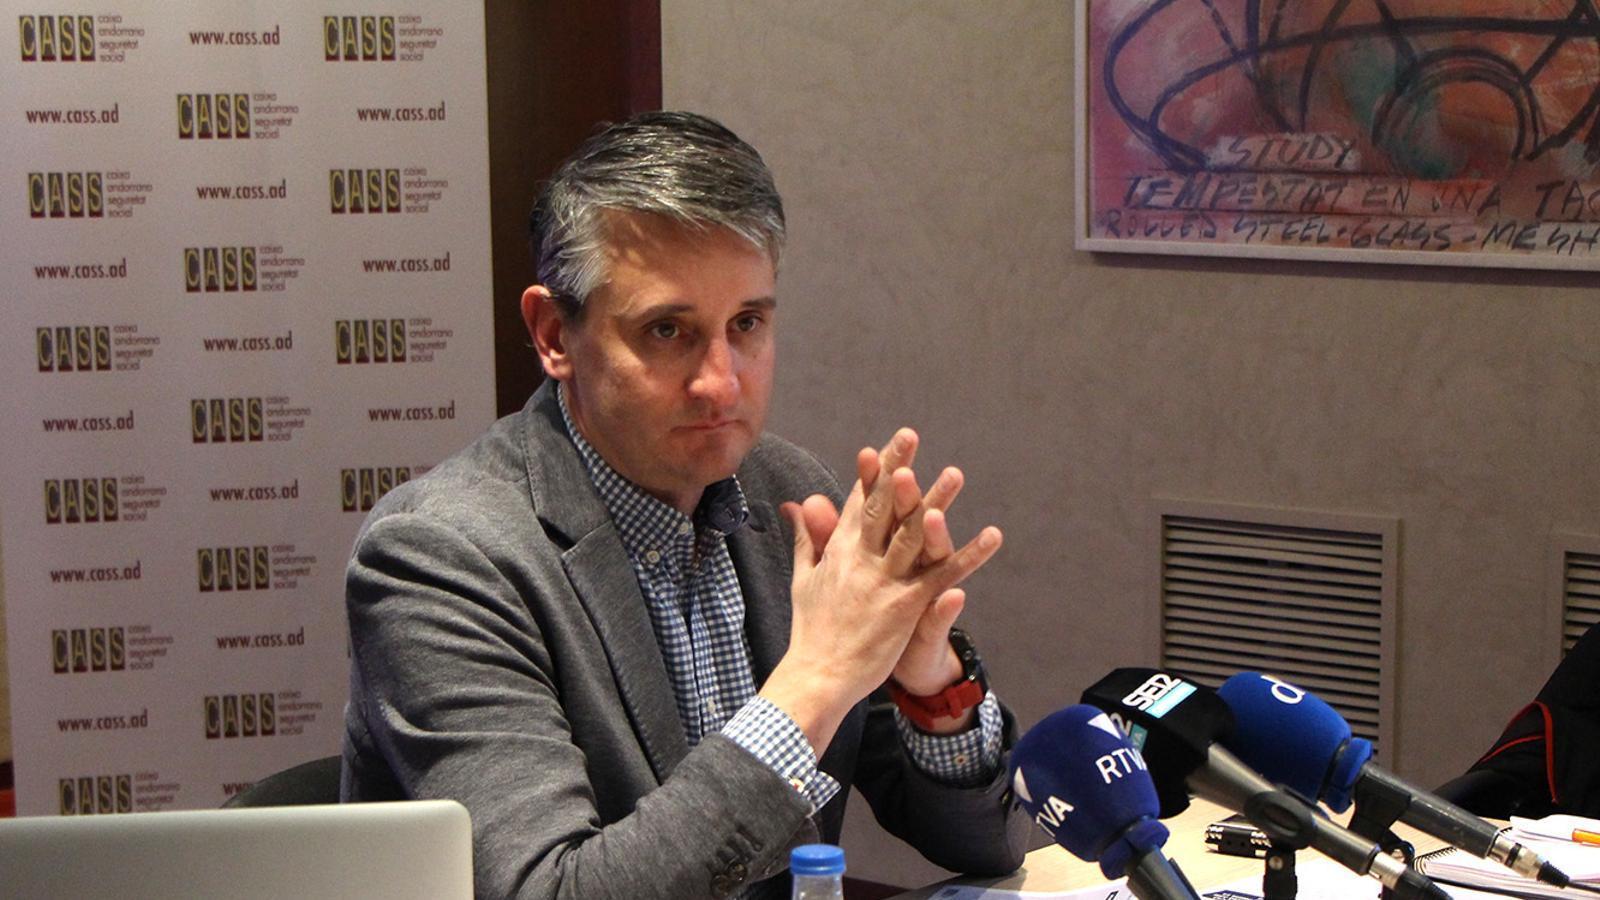 El director de comunicació, relació amb l'assegurat i mètodes de la CASS, David Caubet, durant la roda de premsa. / M. P.